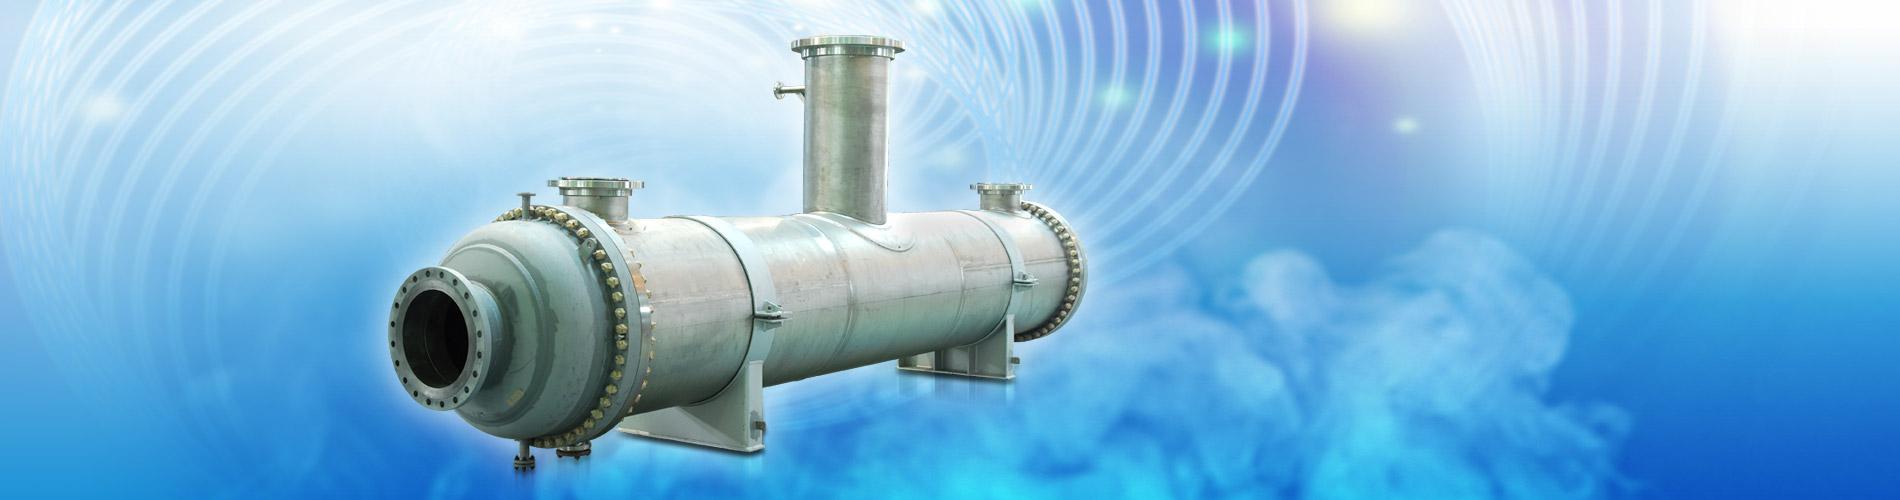 Zirconium Heat Exchanger